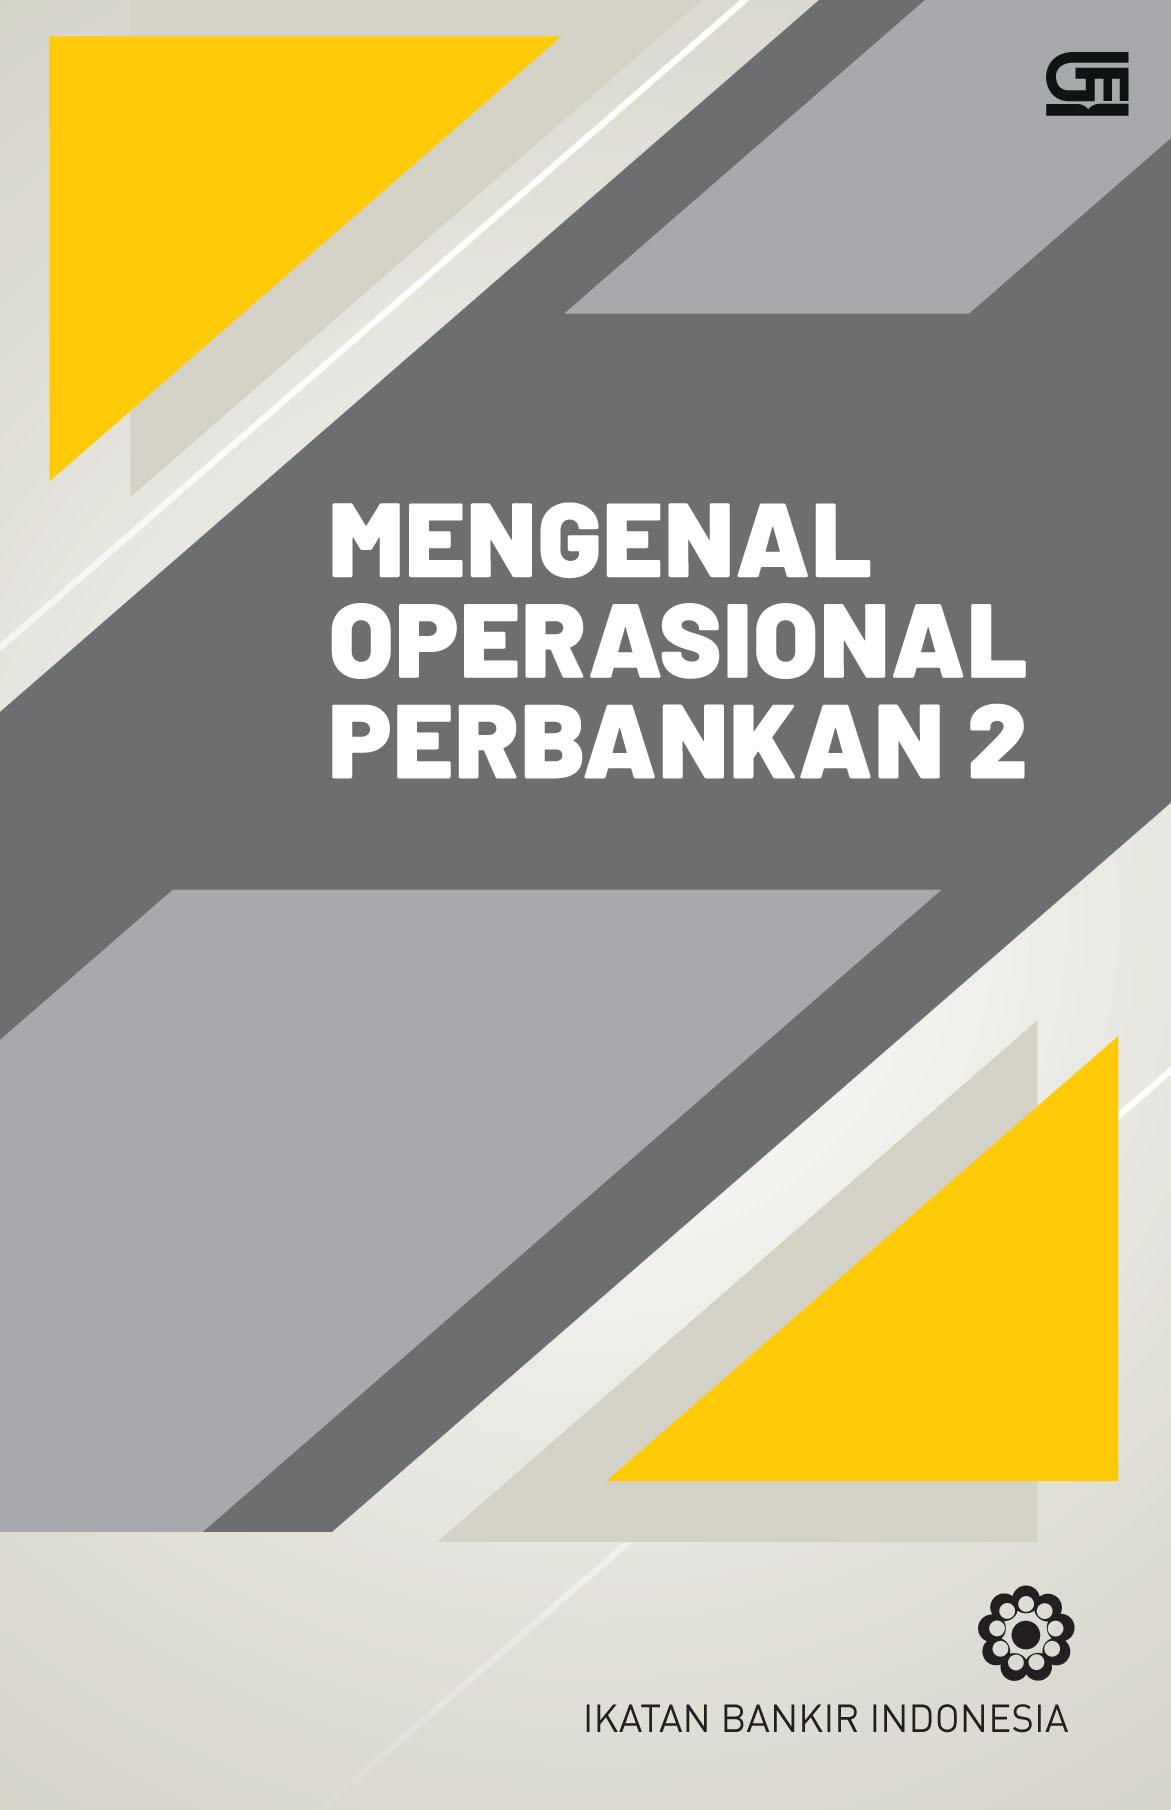 Mengenal Operasional Perbankan 2  (Cetak Ulang Cover Baru)